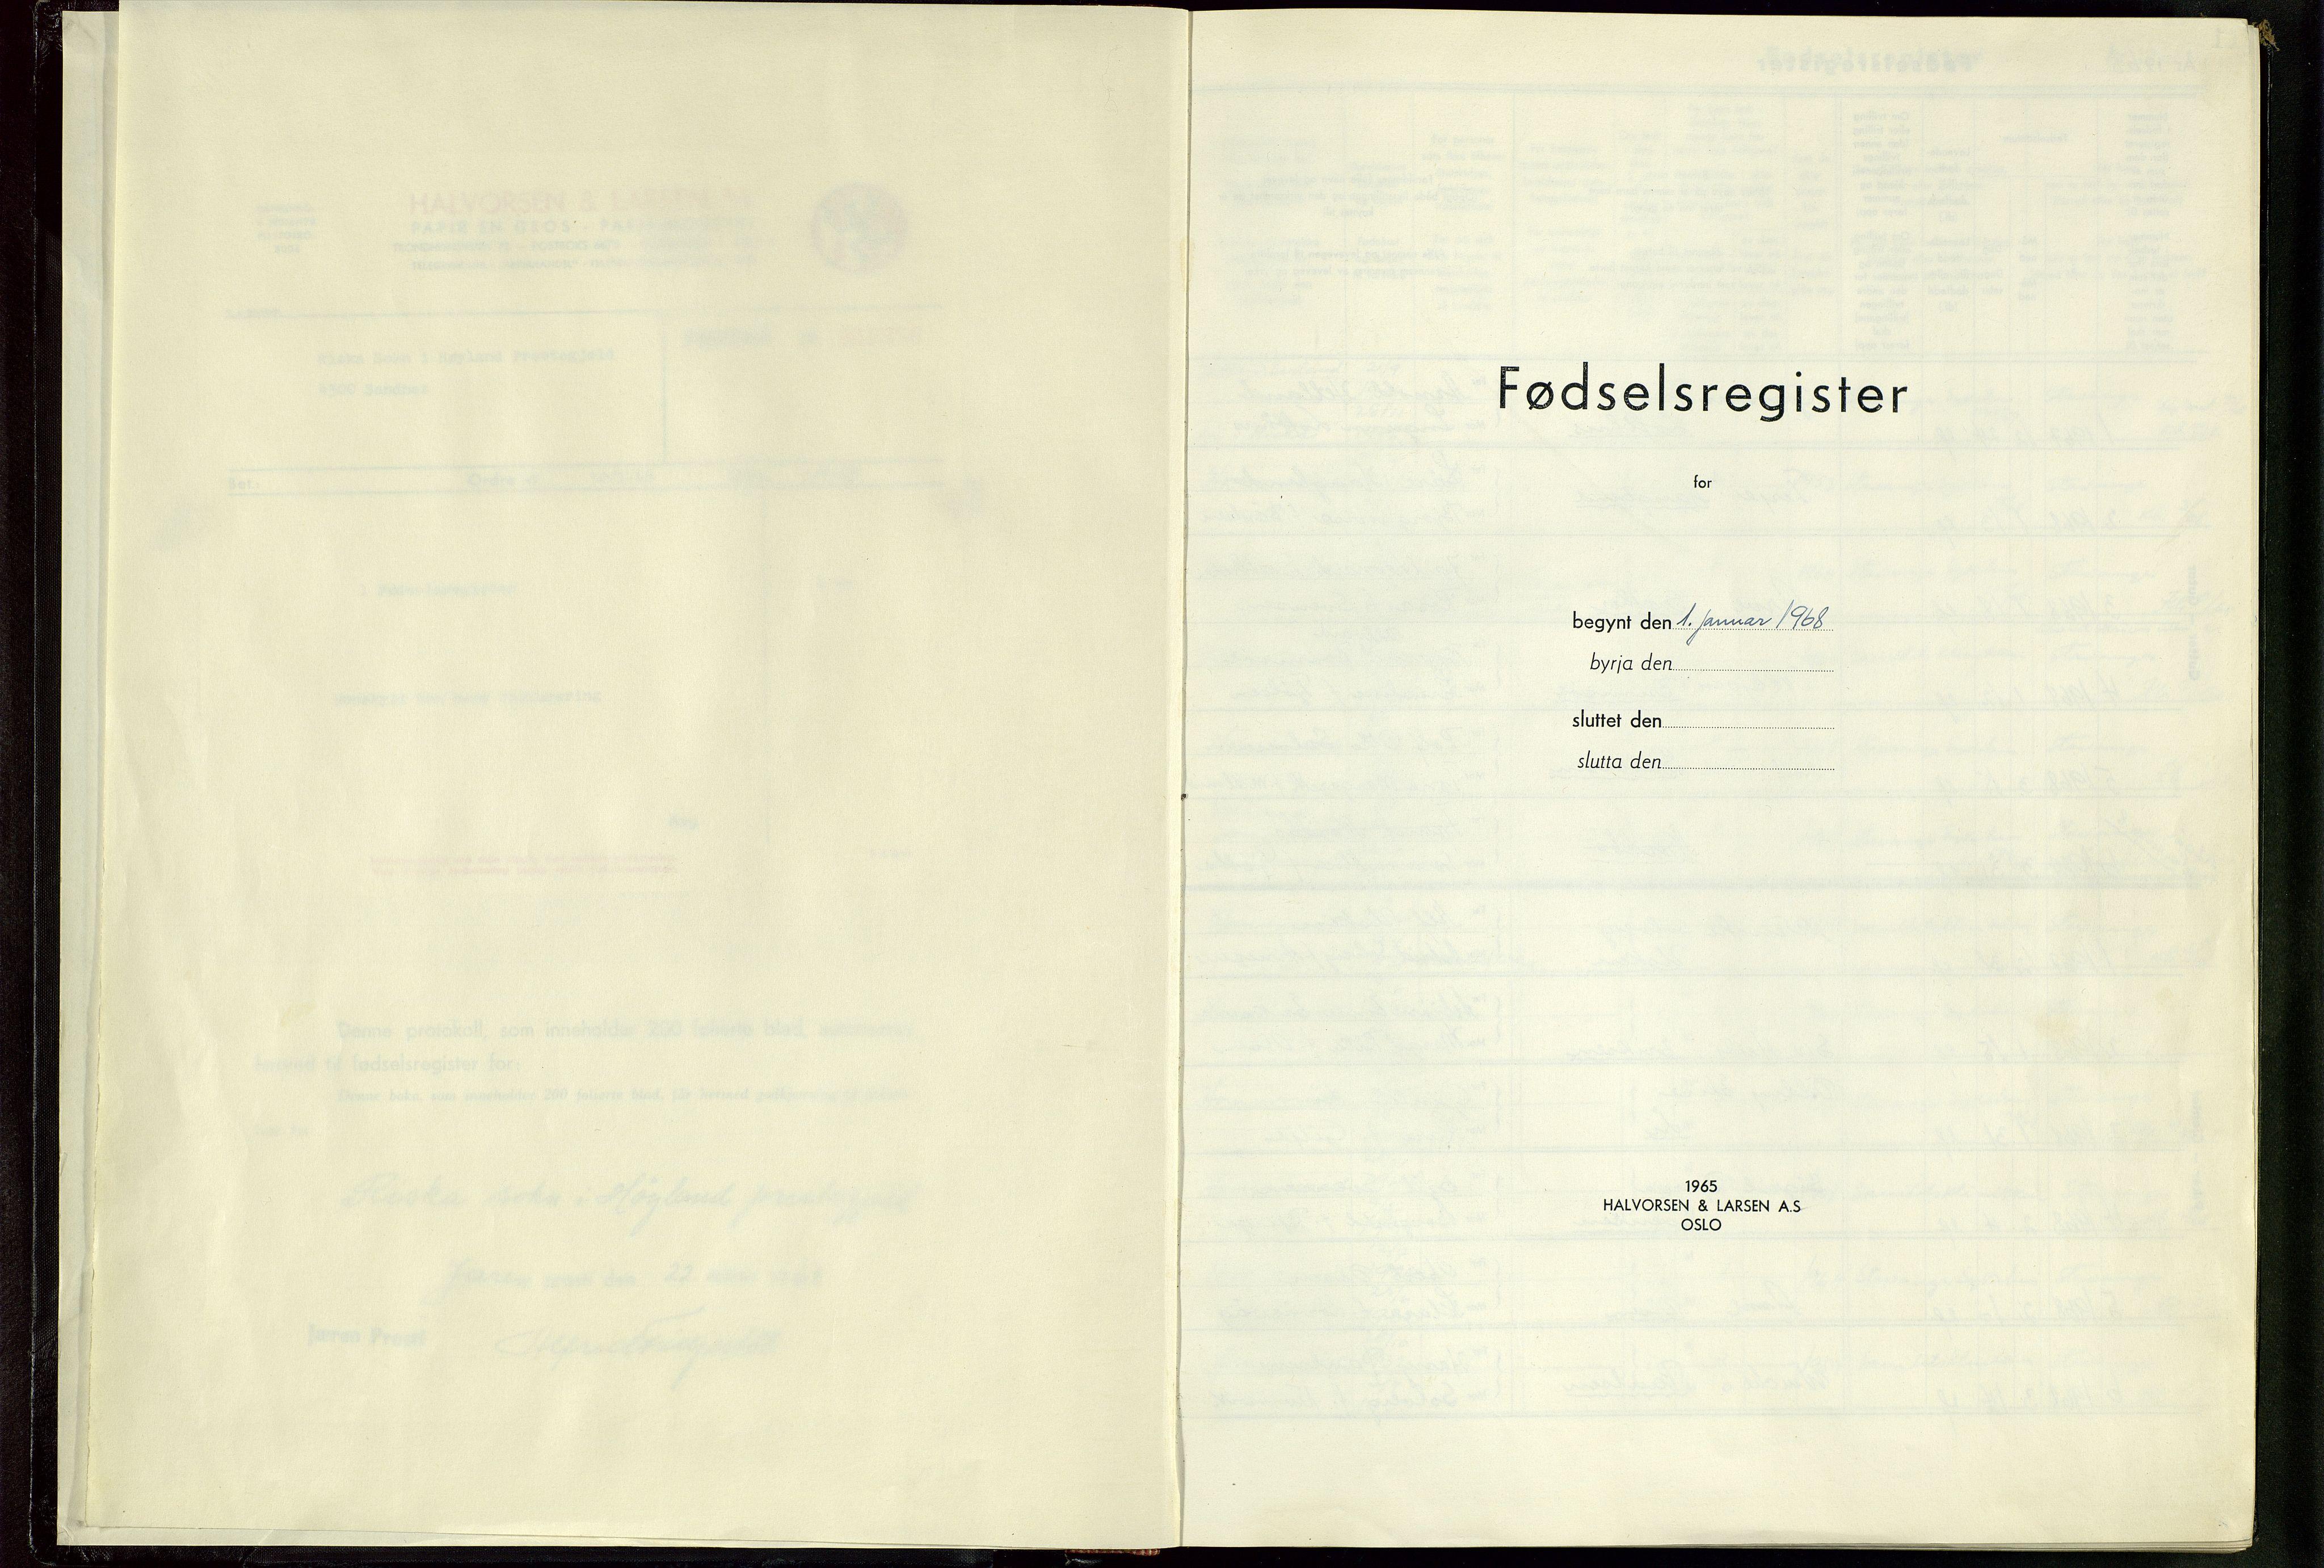 SAST, Høyland sokneprestkontor, 704BA/L0001: Fødselsregister nr. 1, 1968-1982